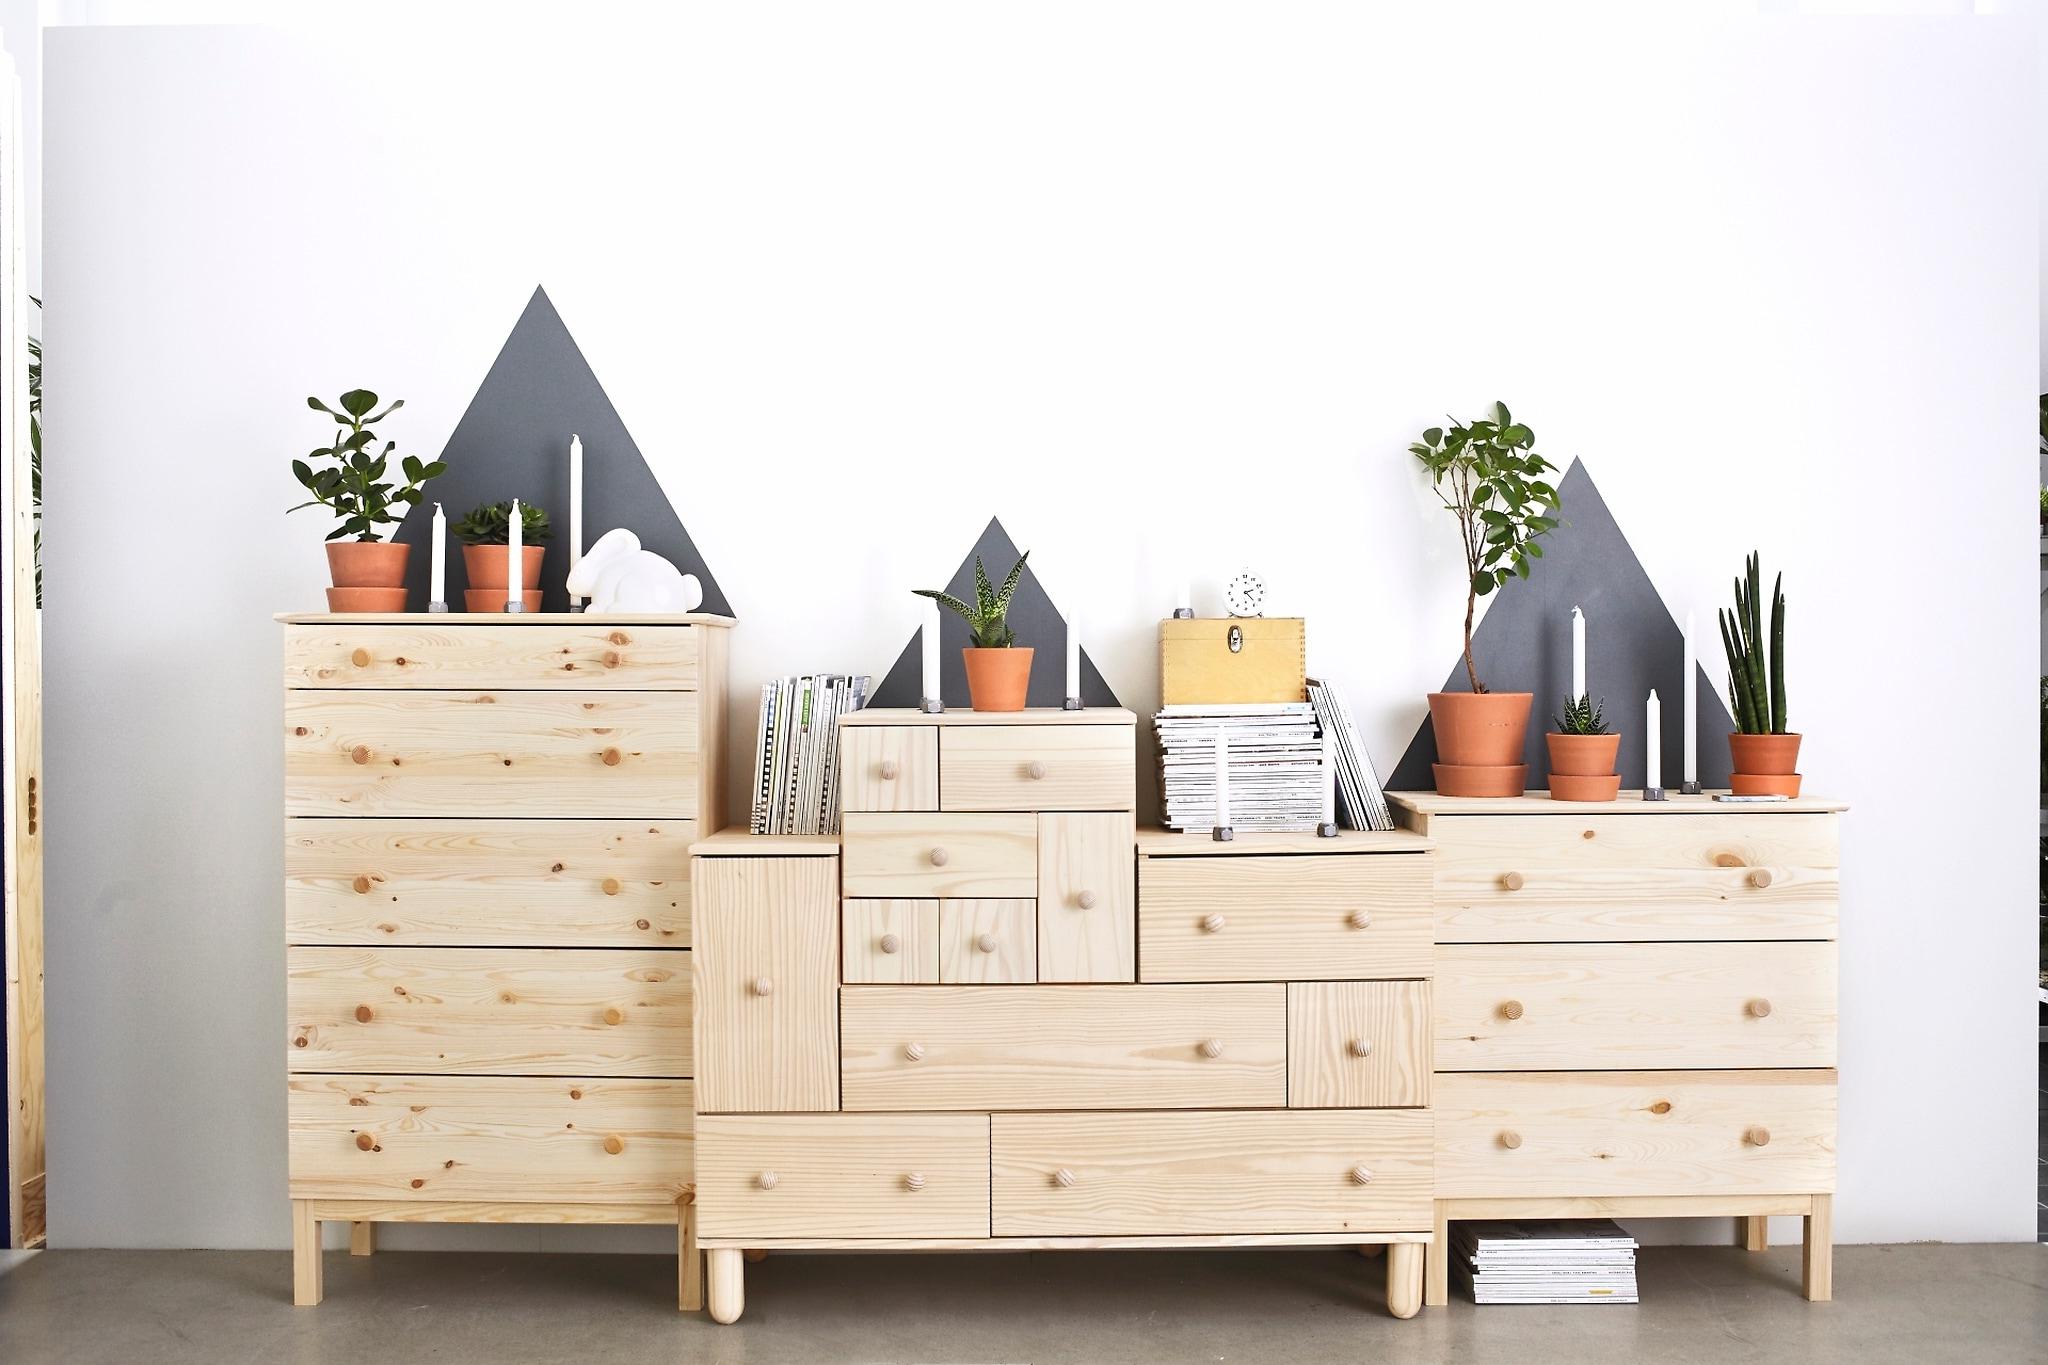 El Desvan Del Mueble Usado Fmdf Vende Tus Muebles Ikea